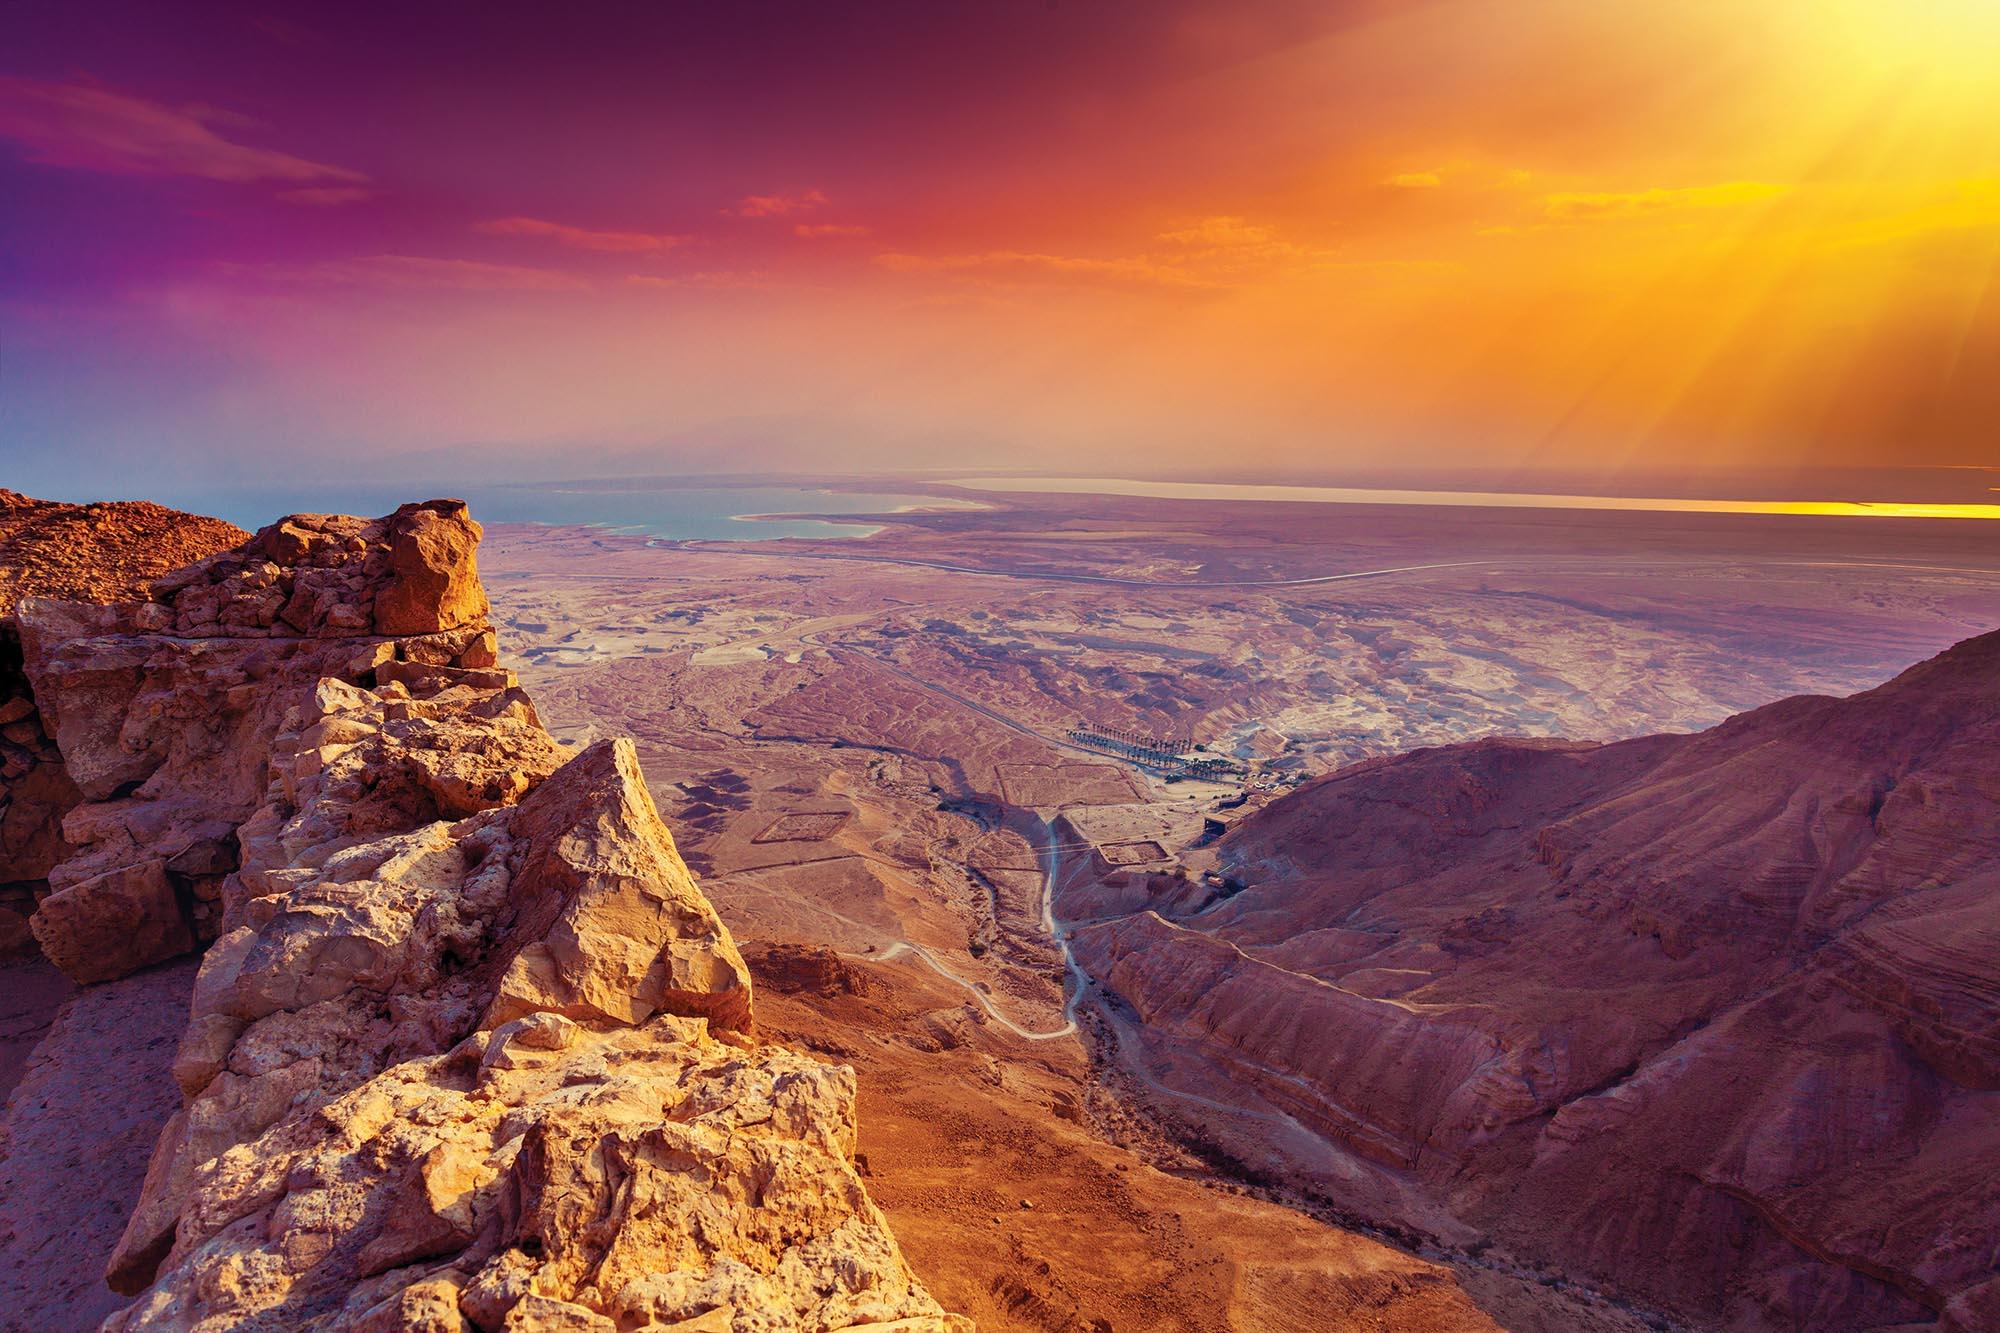 Світанок у Юдейській пустелі. Мандрівки пустелею – це новий туристичний продукт в Ізраїлі. Фермерські господарства у пустелях приймають туристів, там є комфортні будинки з усіма зручностями. Там ніколи немає натовпів, дивовижні вечори та ранки, свіжі продукти, гарне вино, зорі уночі і безмежна тиша. У пустелі є і активності – катання на джипах чи верблюдах, велосипедні маршрути, пішохідні тури, марафони, фестивалі, концерти!